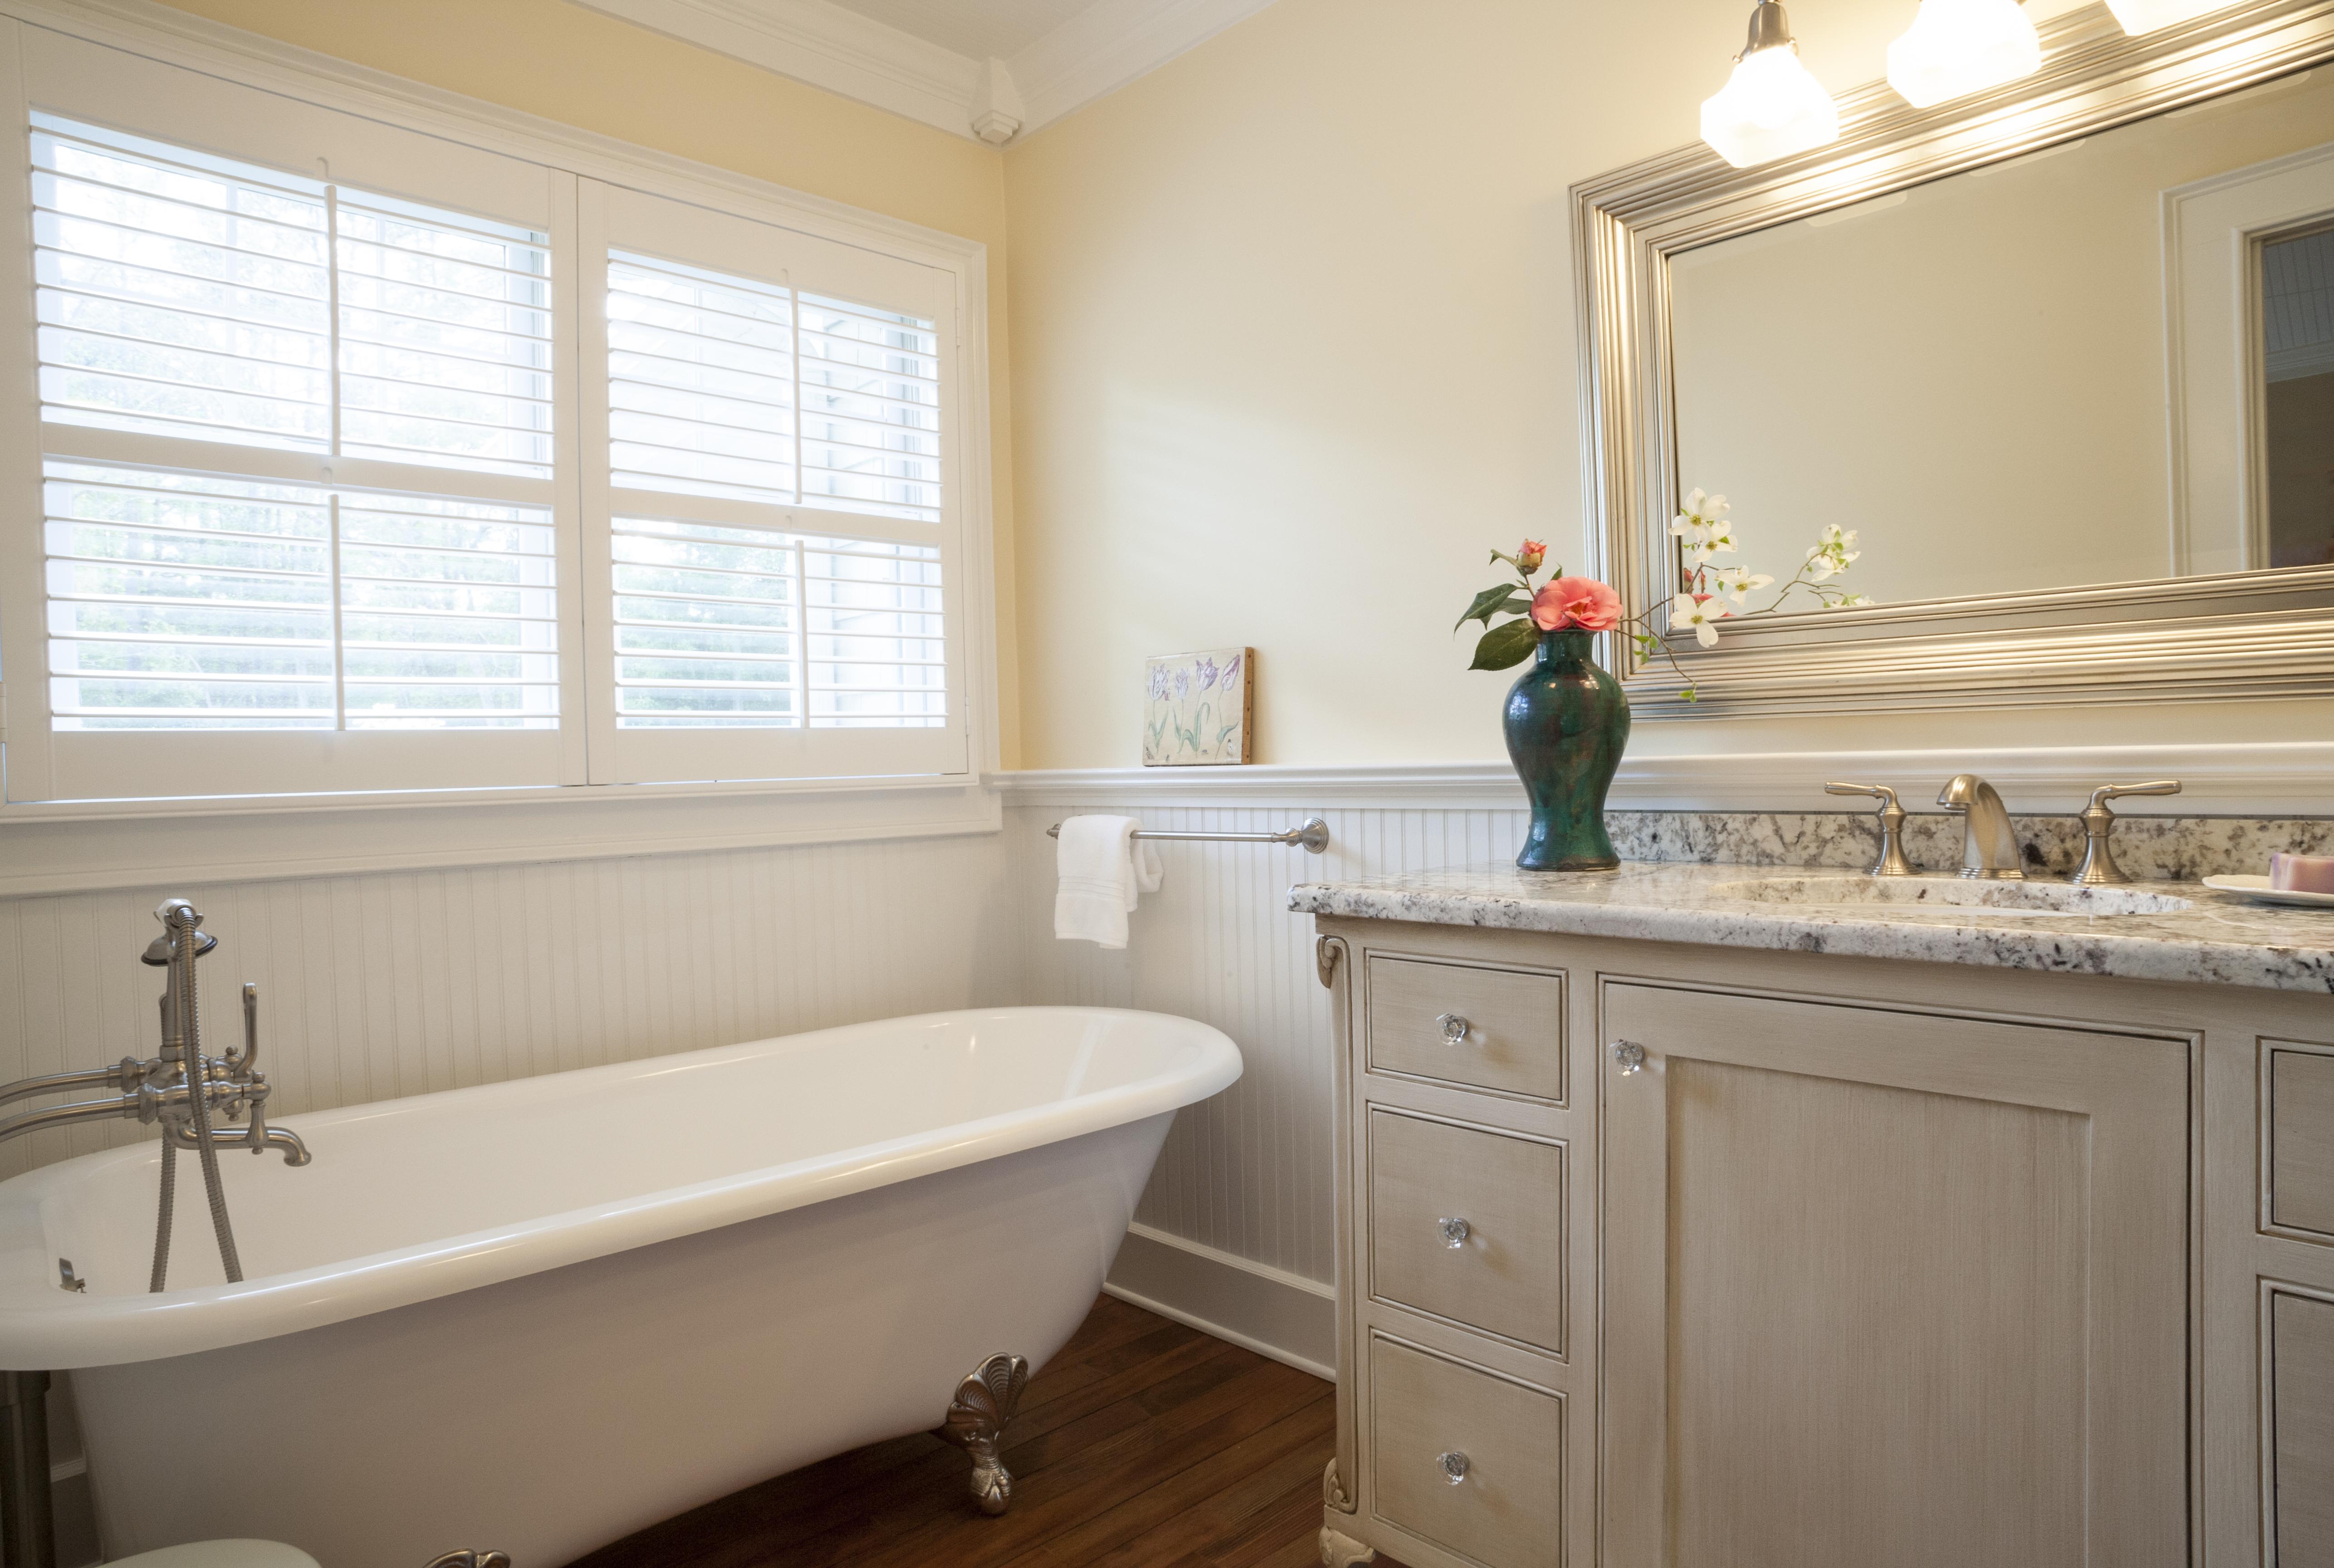 RvR Bathroom Getty Images